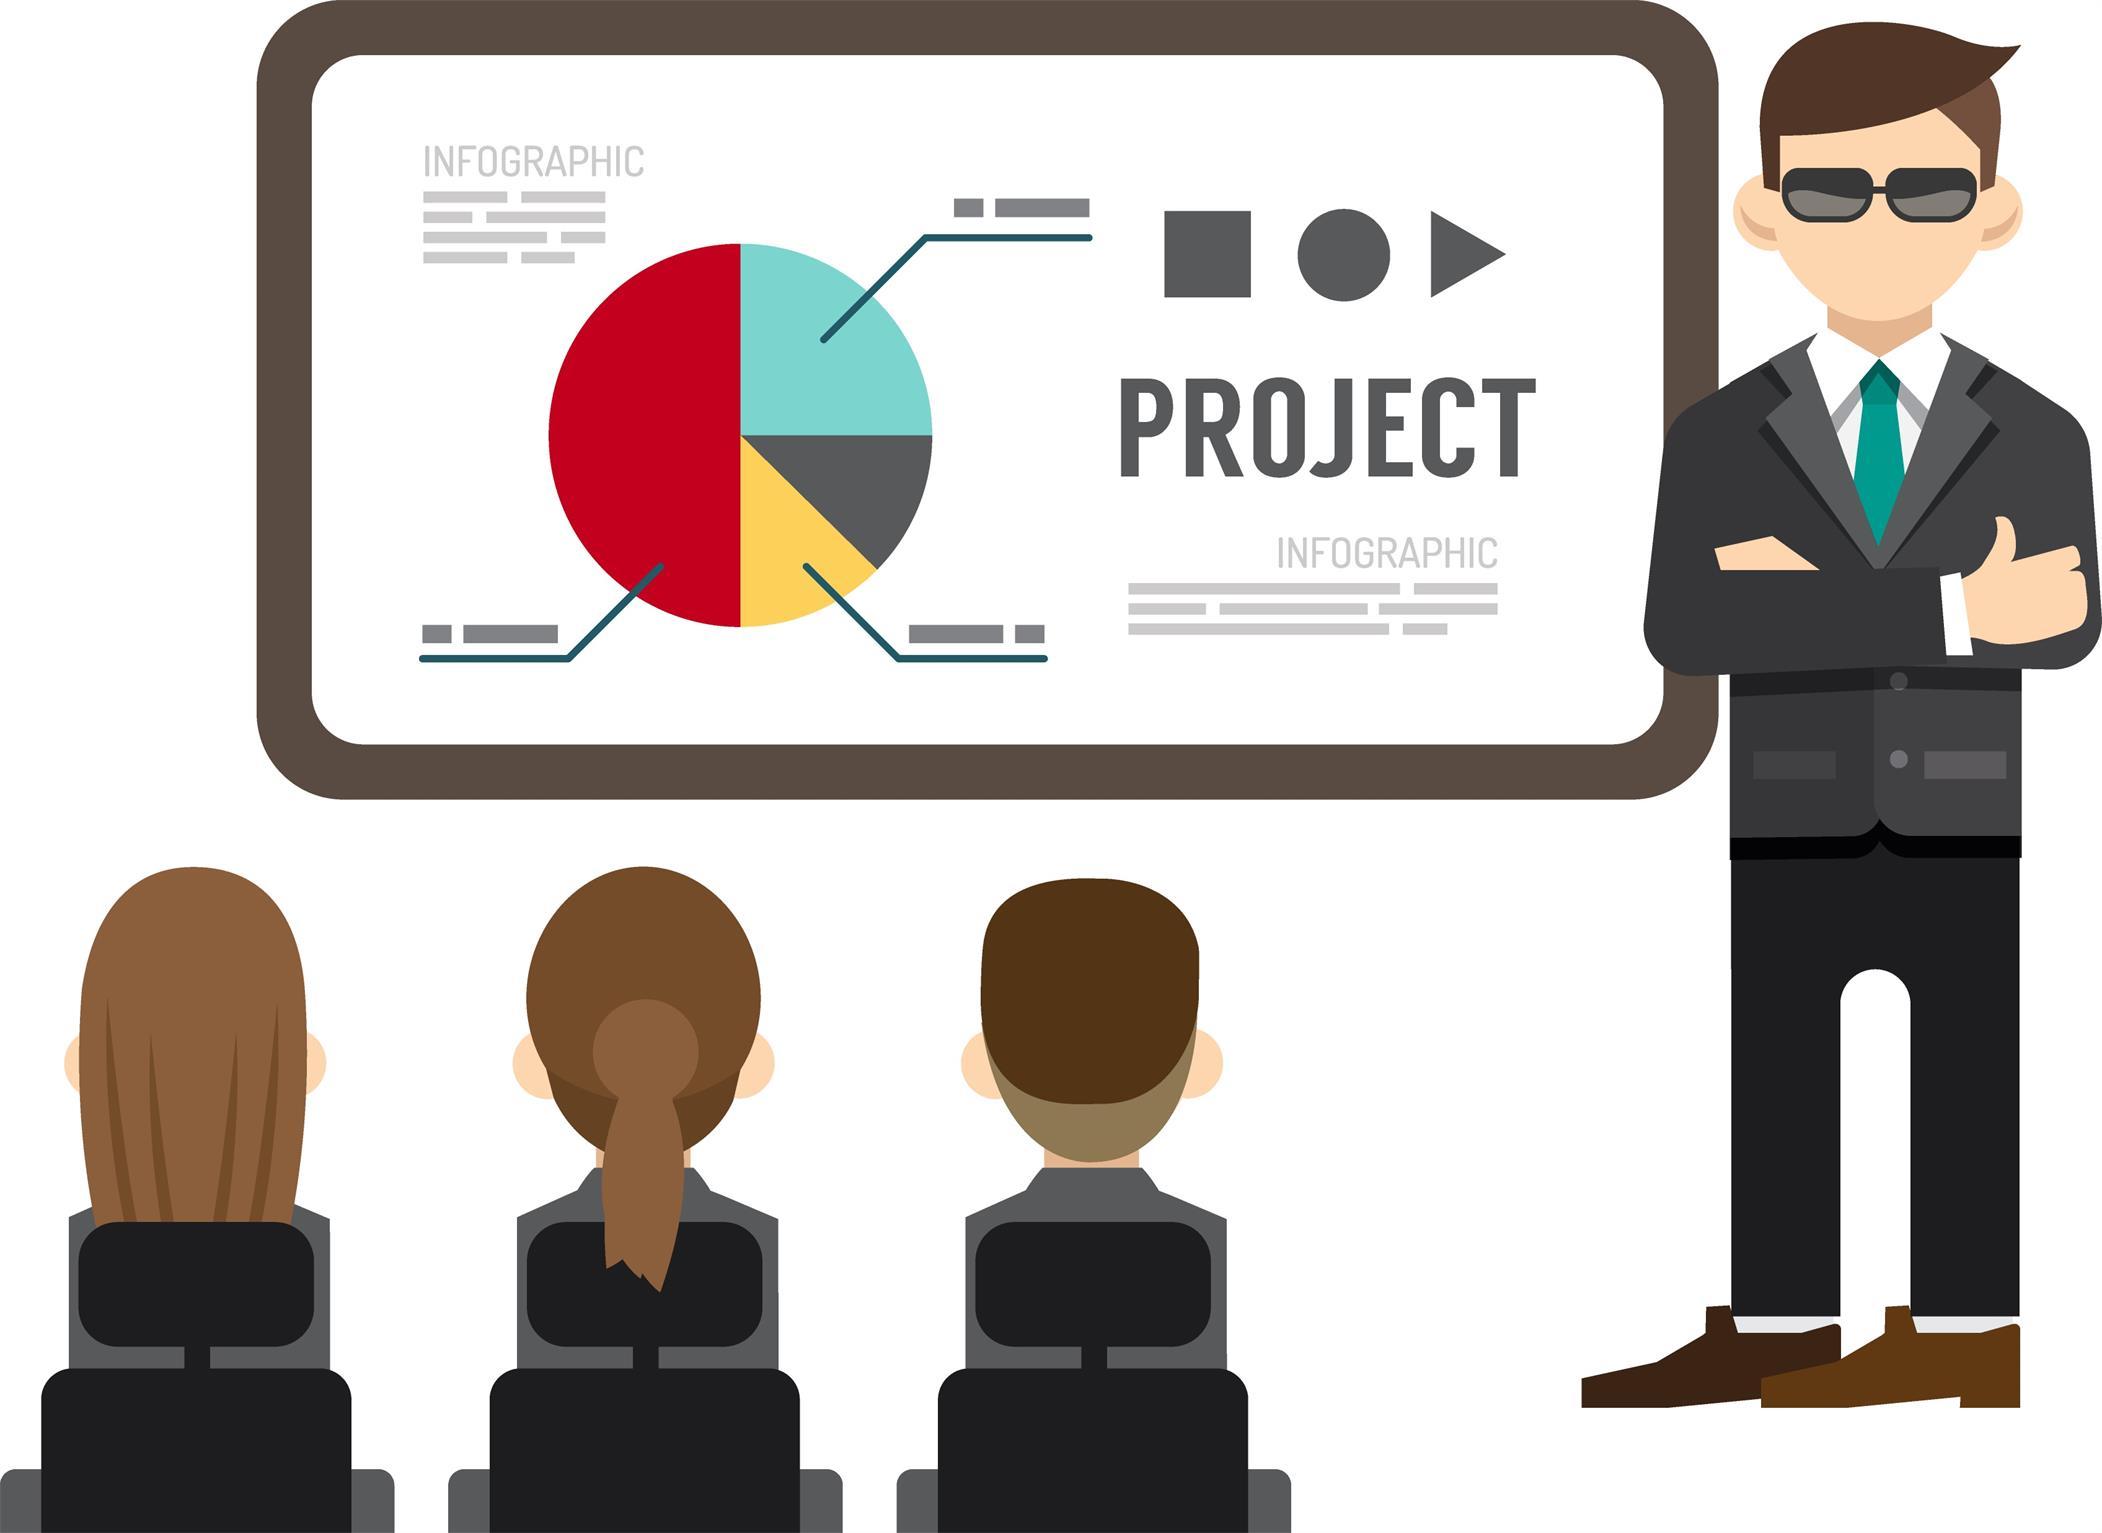 企业怎样建设自己的营销型公司官网